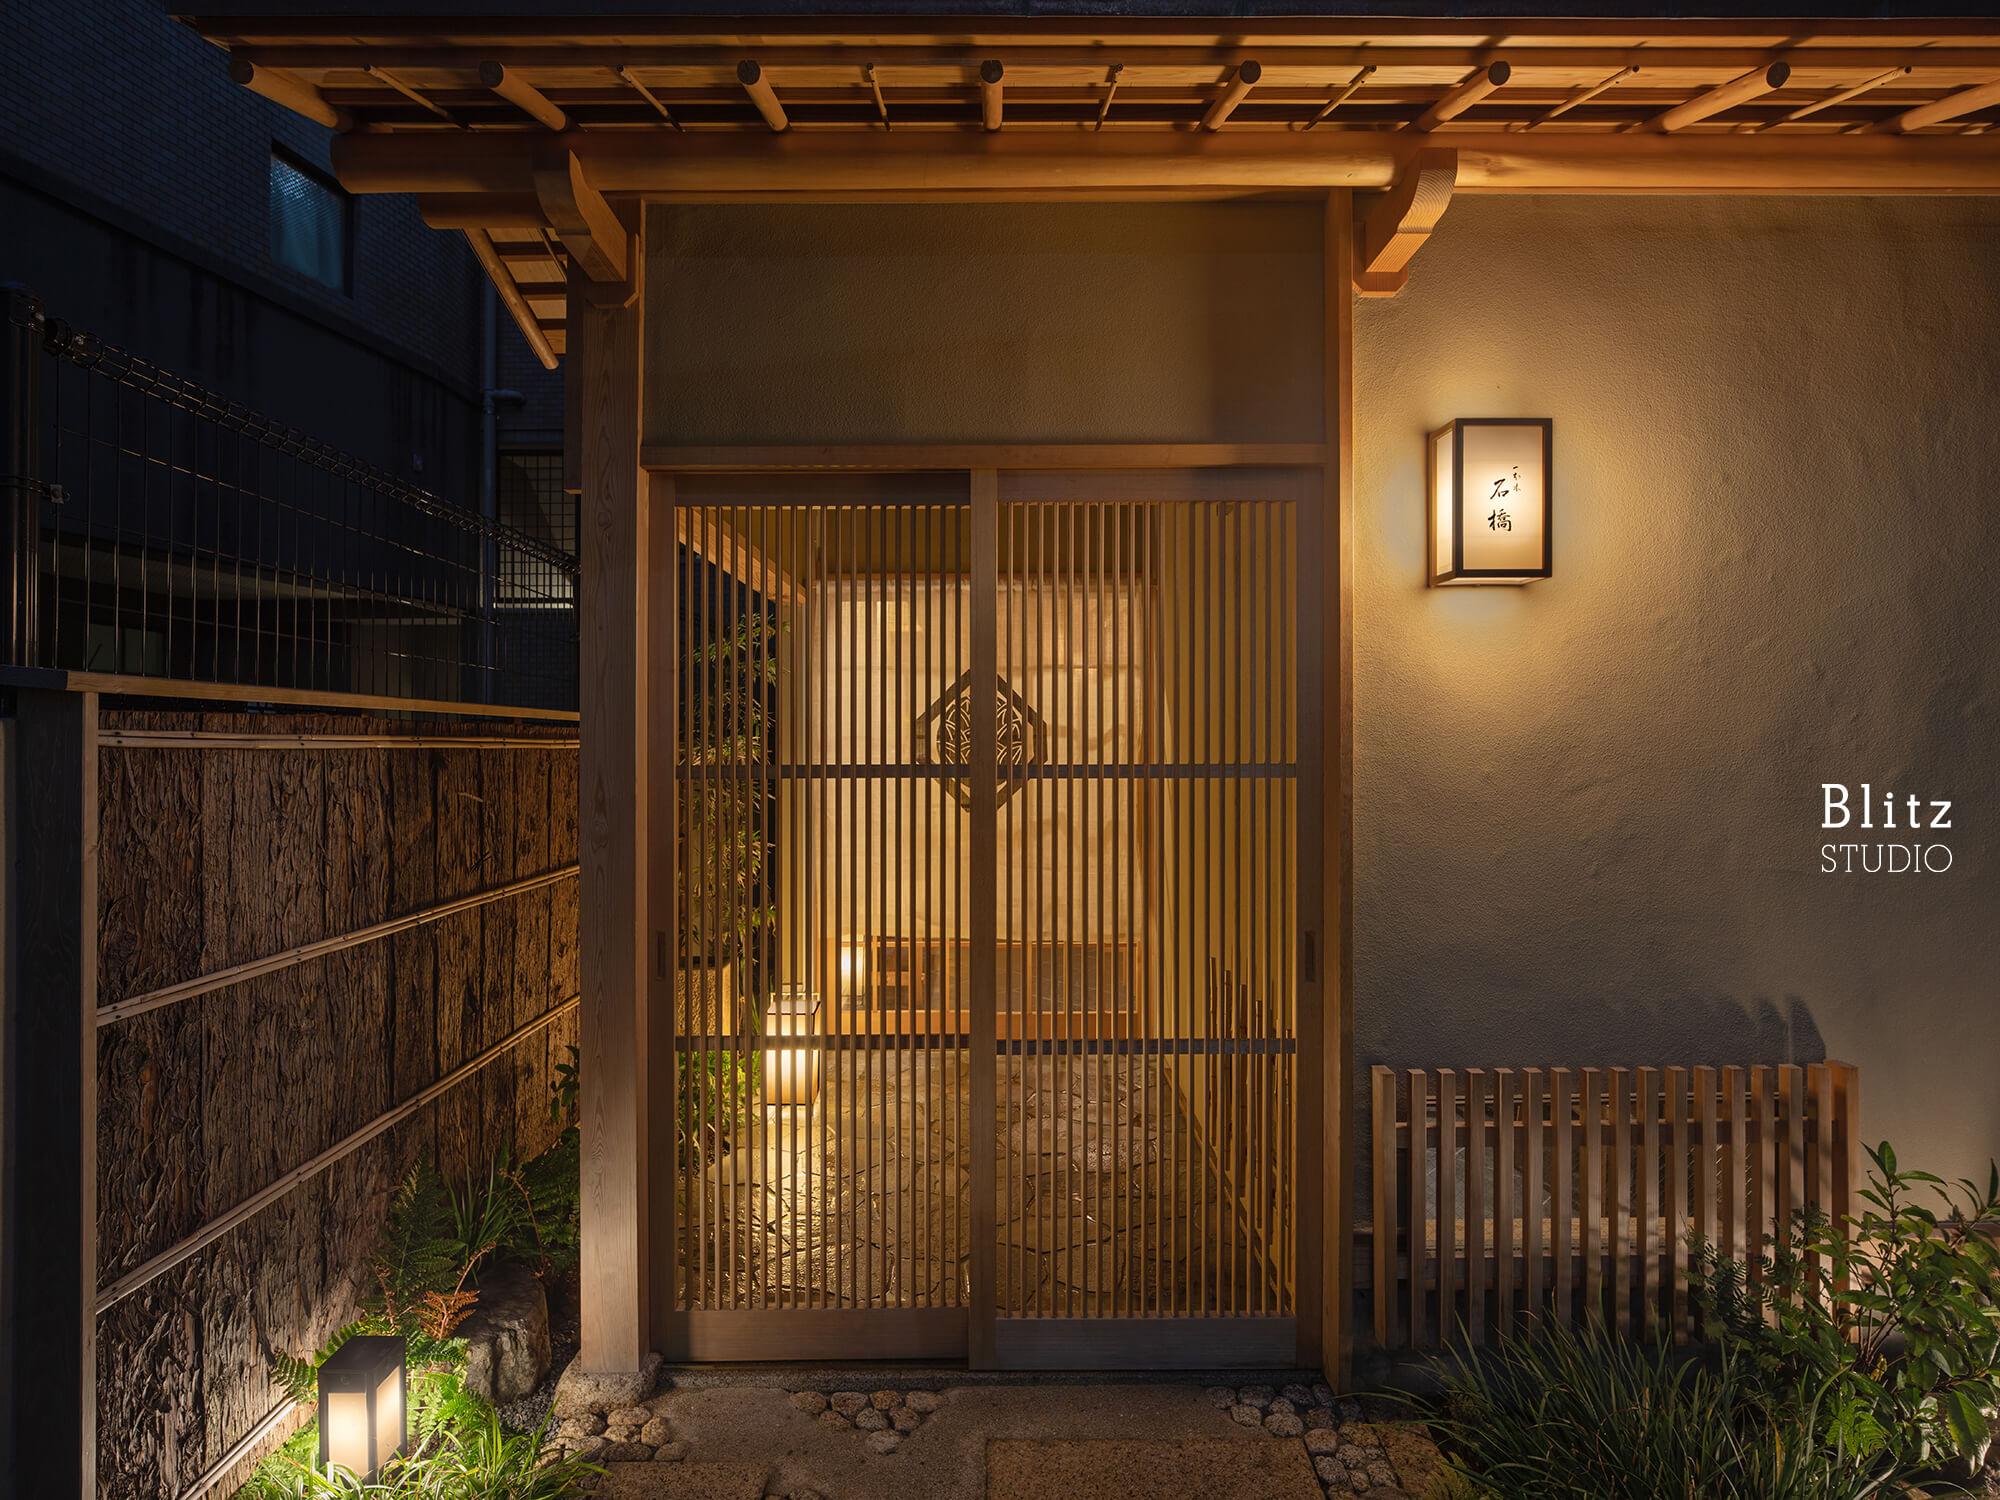 『一本木 石橋』-福岡県福岡市-建築写真・竣工写真・インテリア写真2